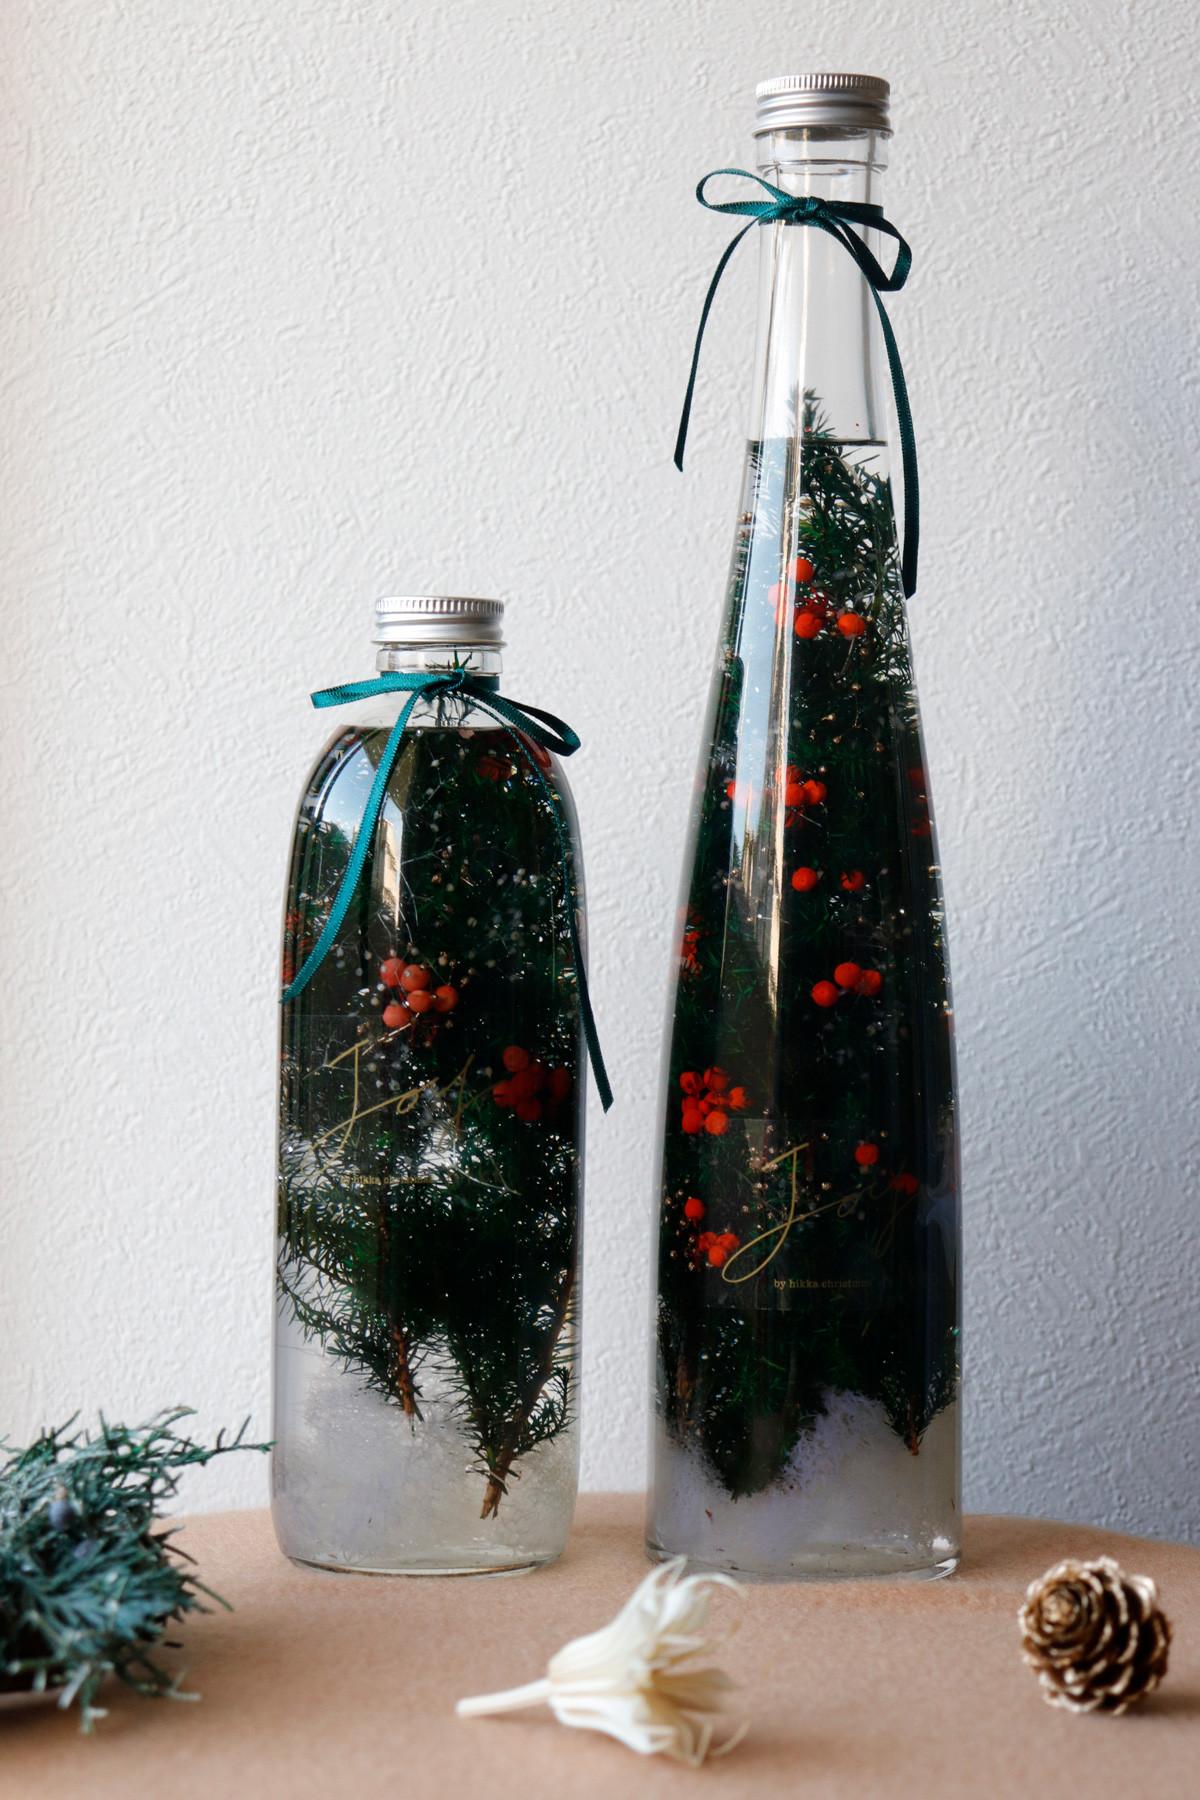 落ち着いた佇まいのクリスマスツリー